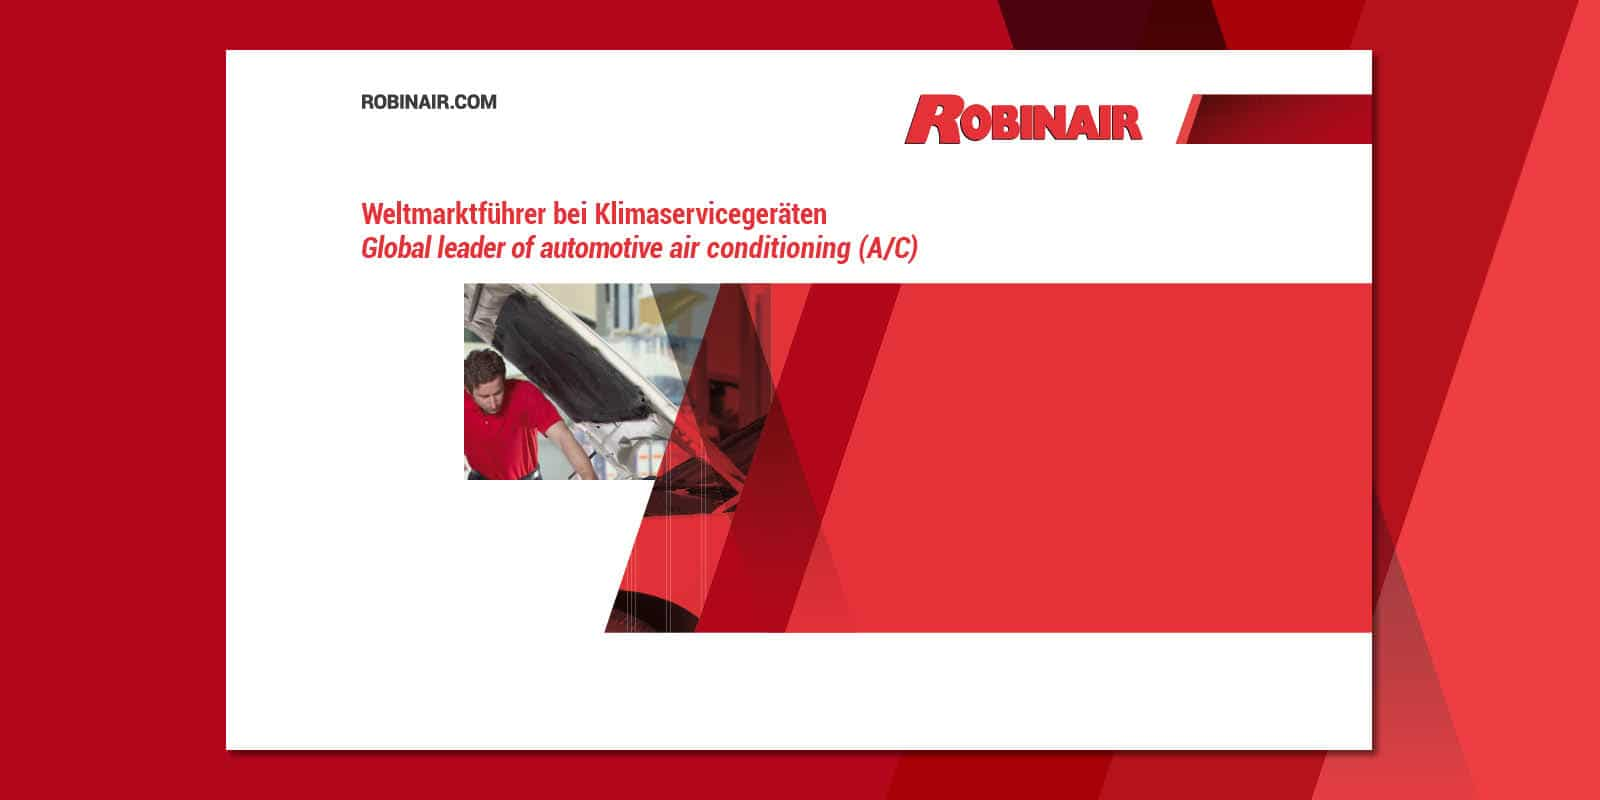 Robinair – Broschüre